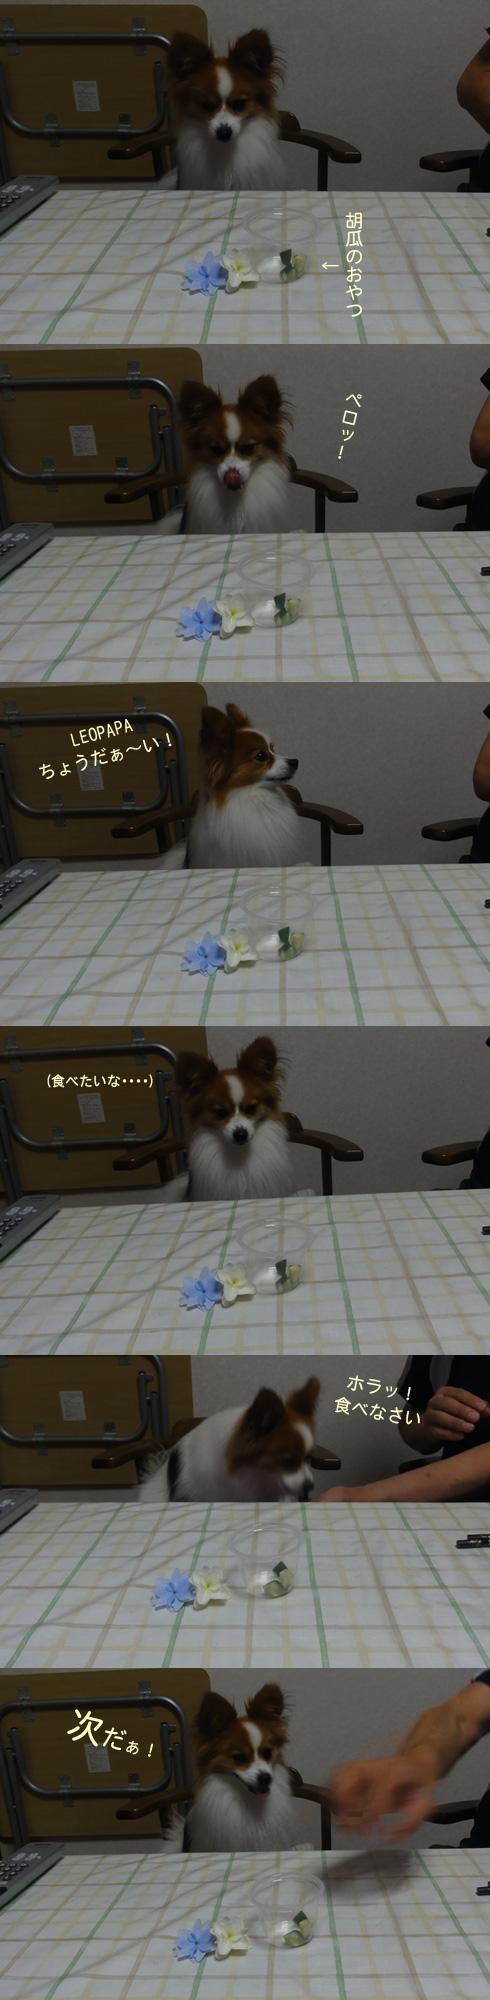 おやつの食べ方は?